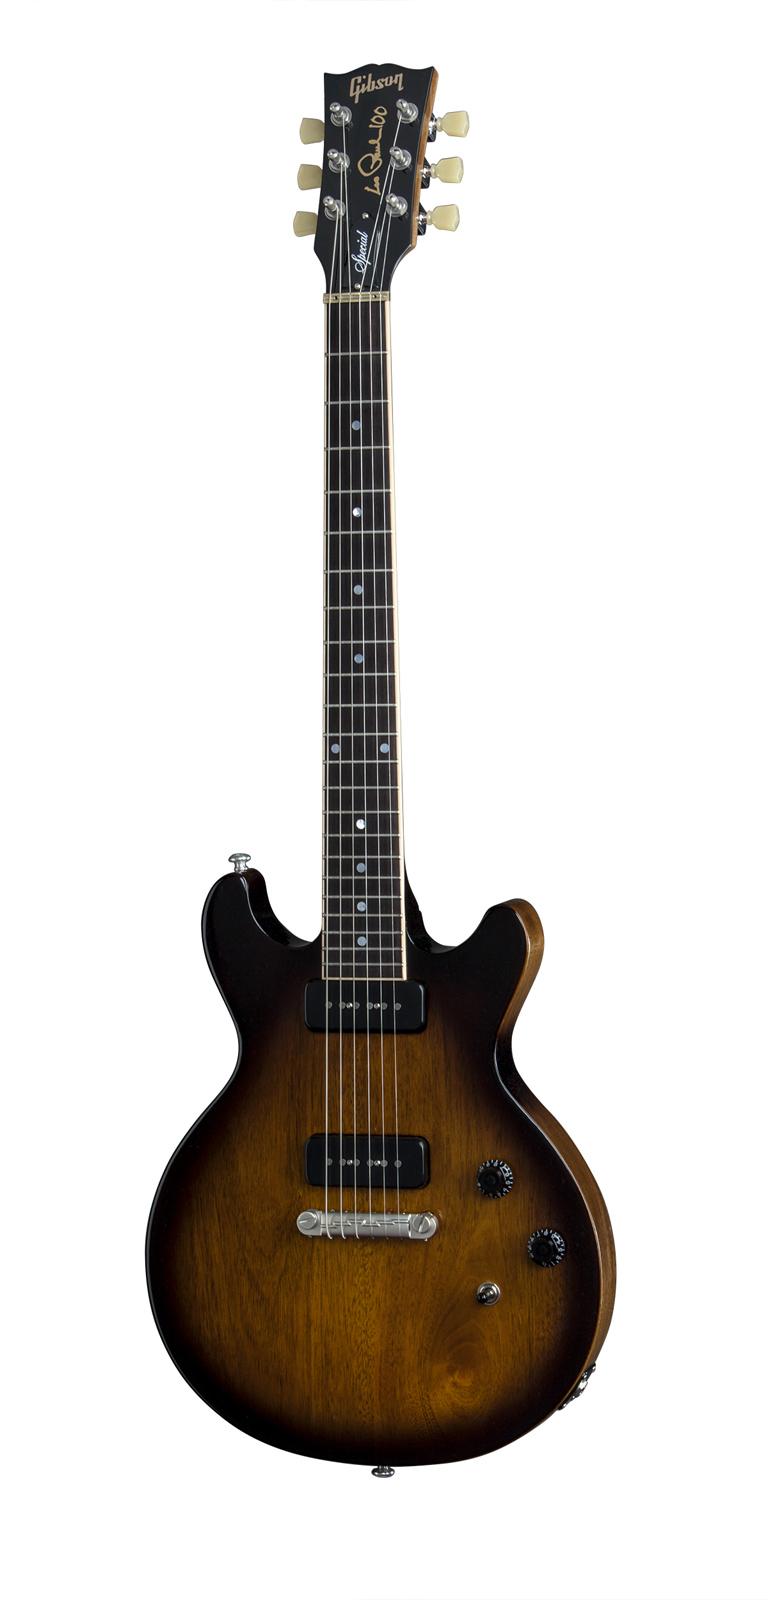 Gibson Les Paul Special Double Cut 2015 Vintage Sunburst + Etui